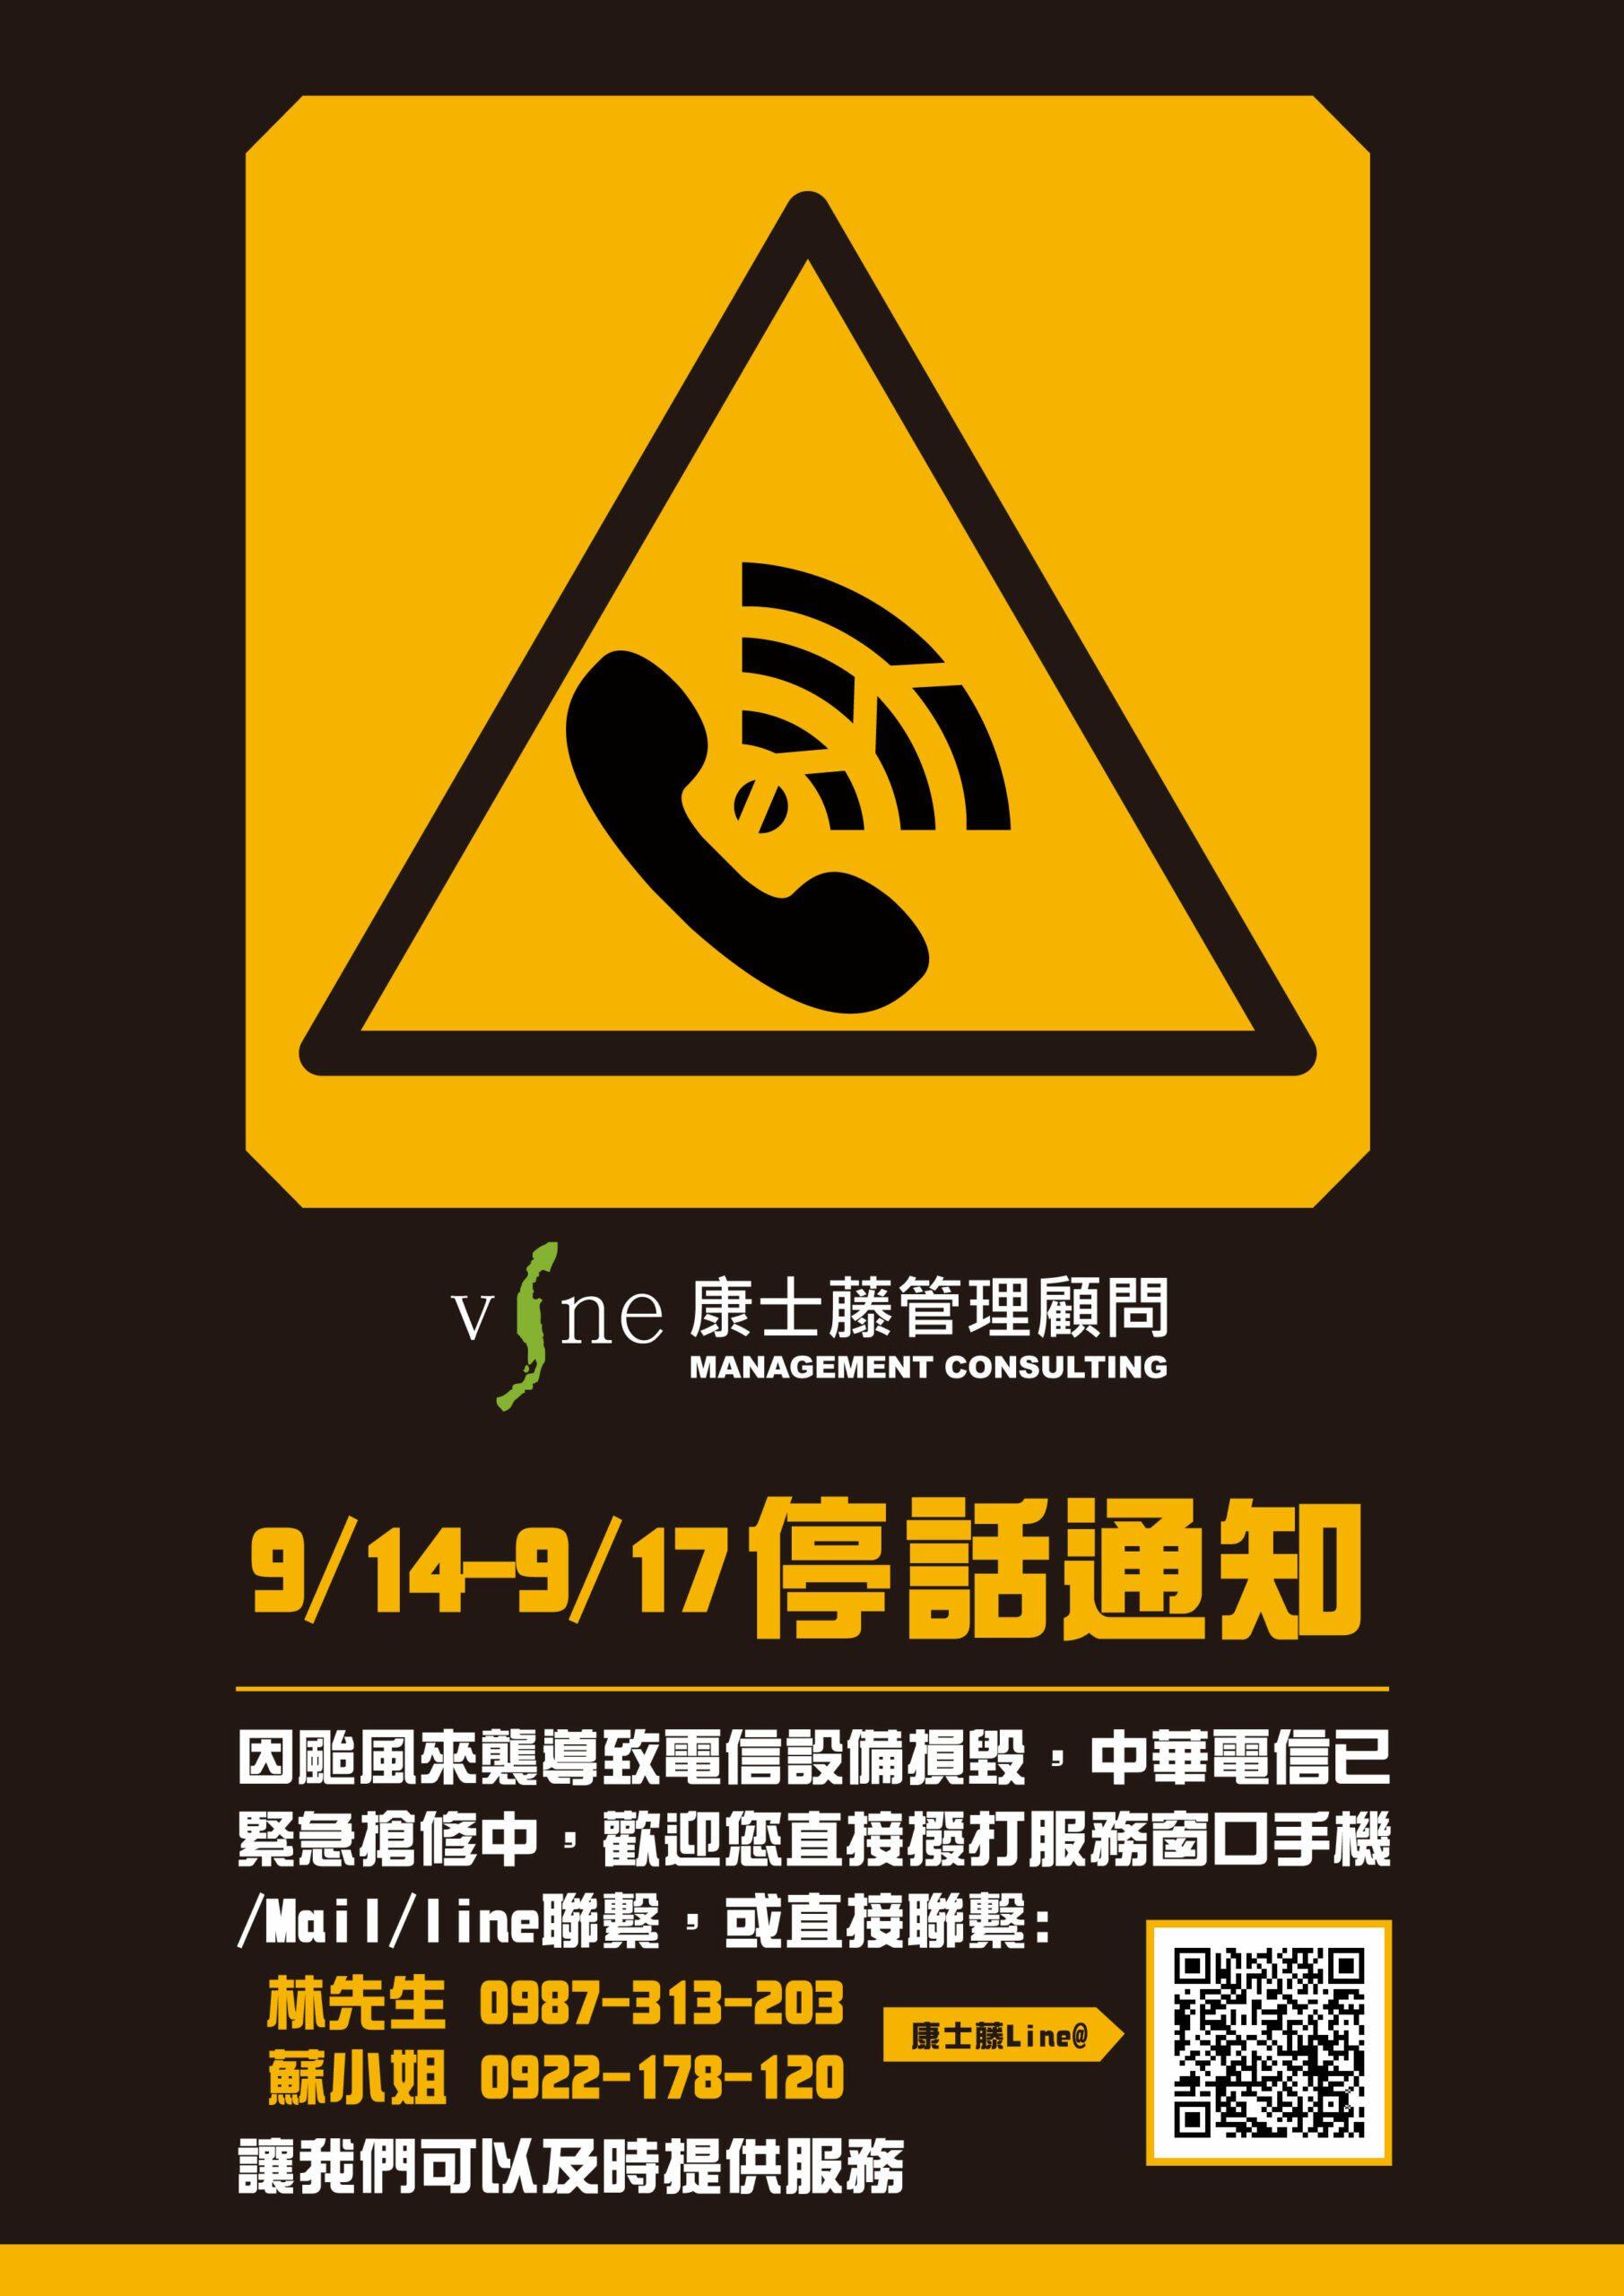 由於前幾日颱風的影響,電話箱損壞, 目前中華電信搶修中